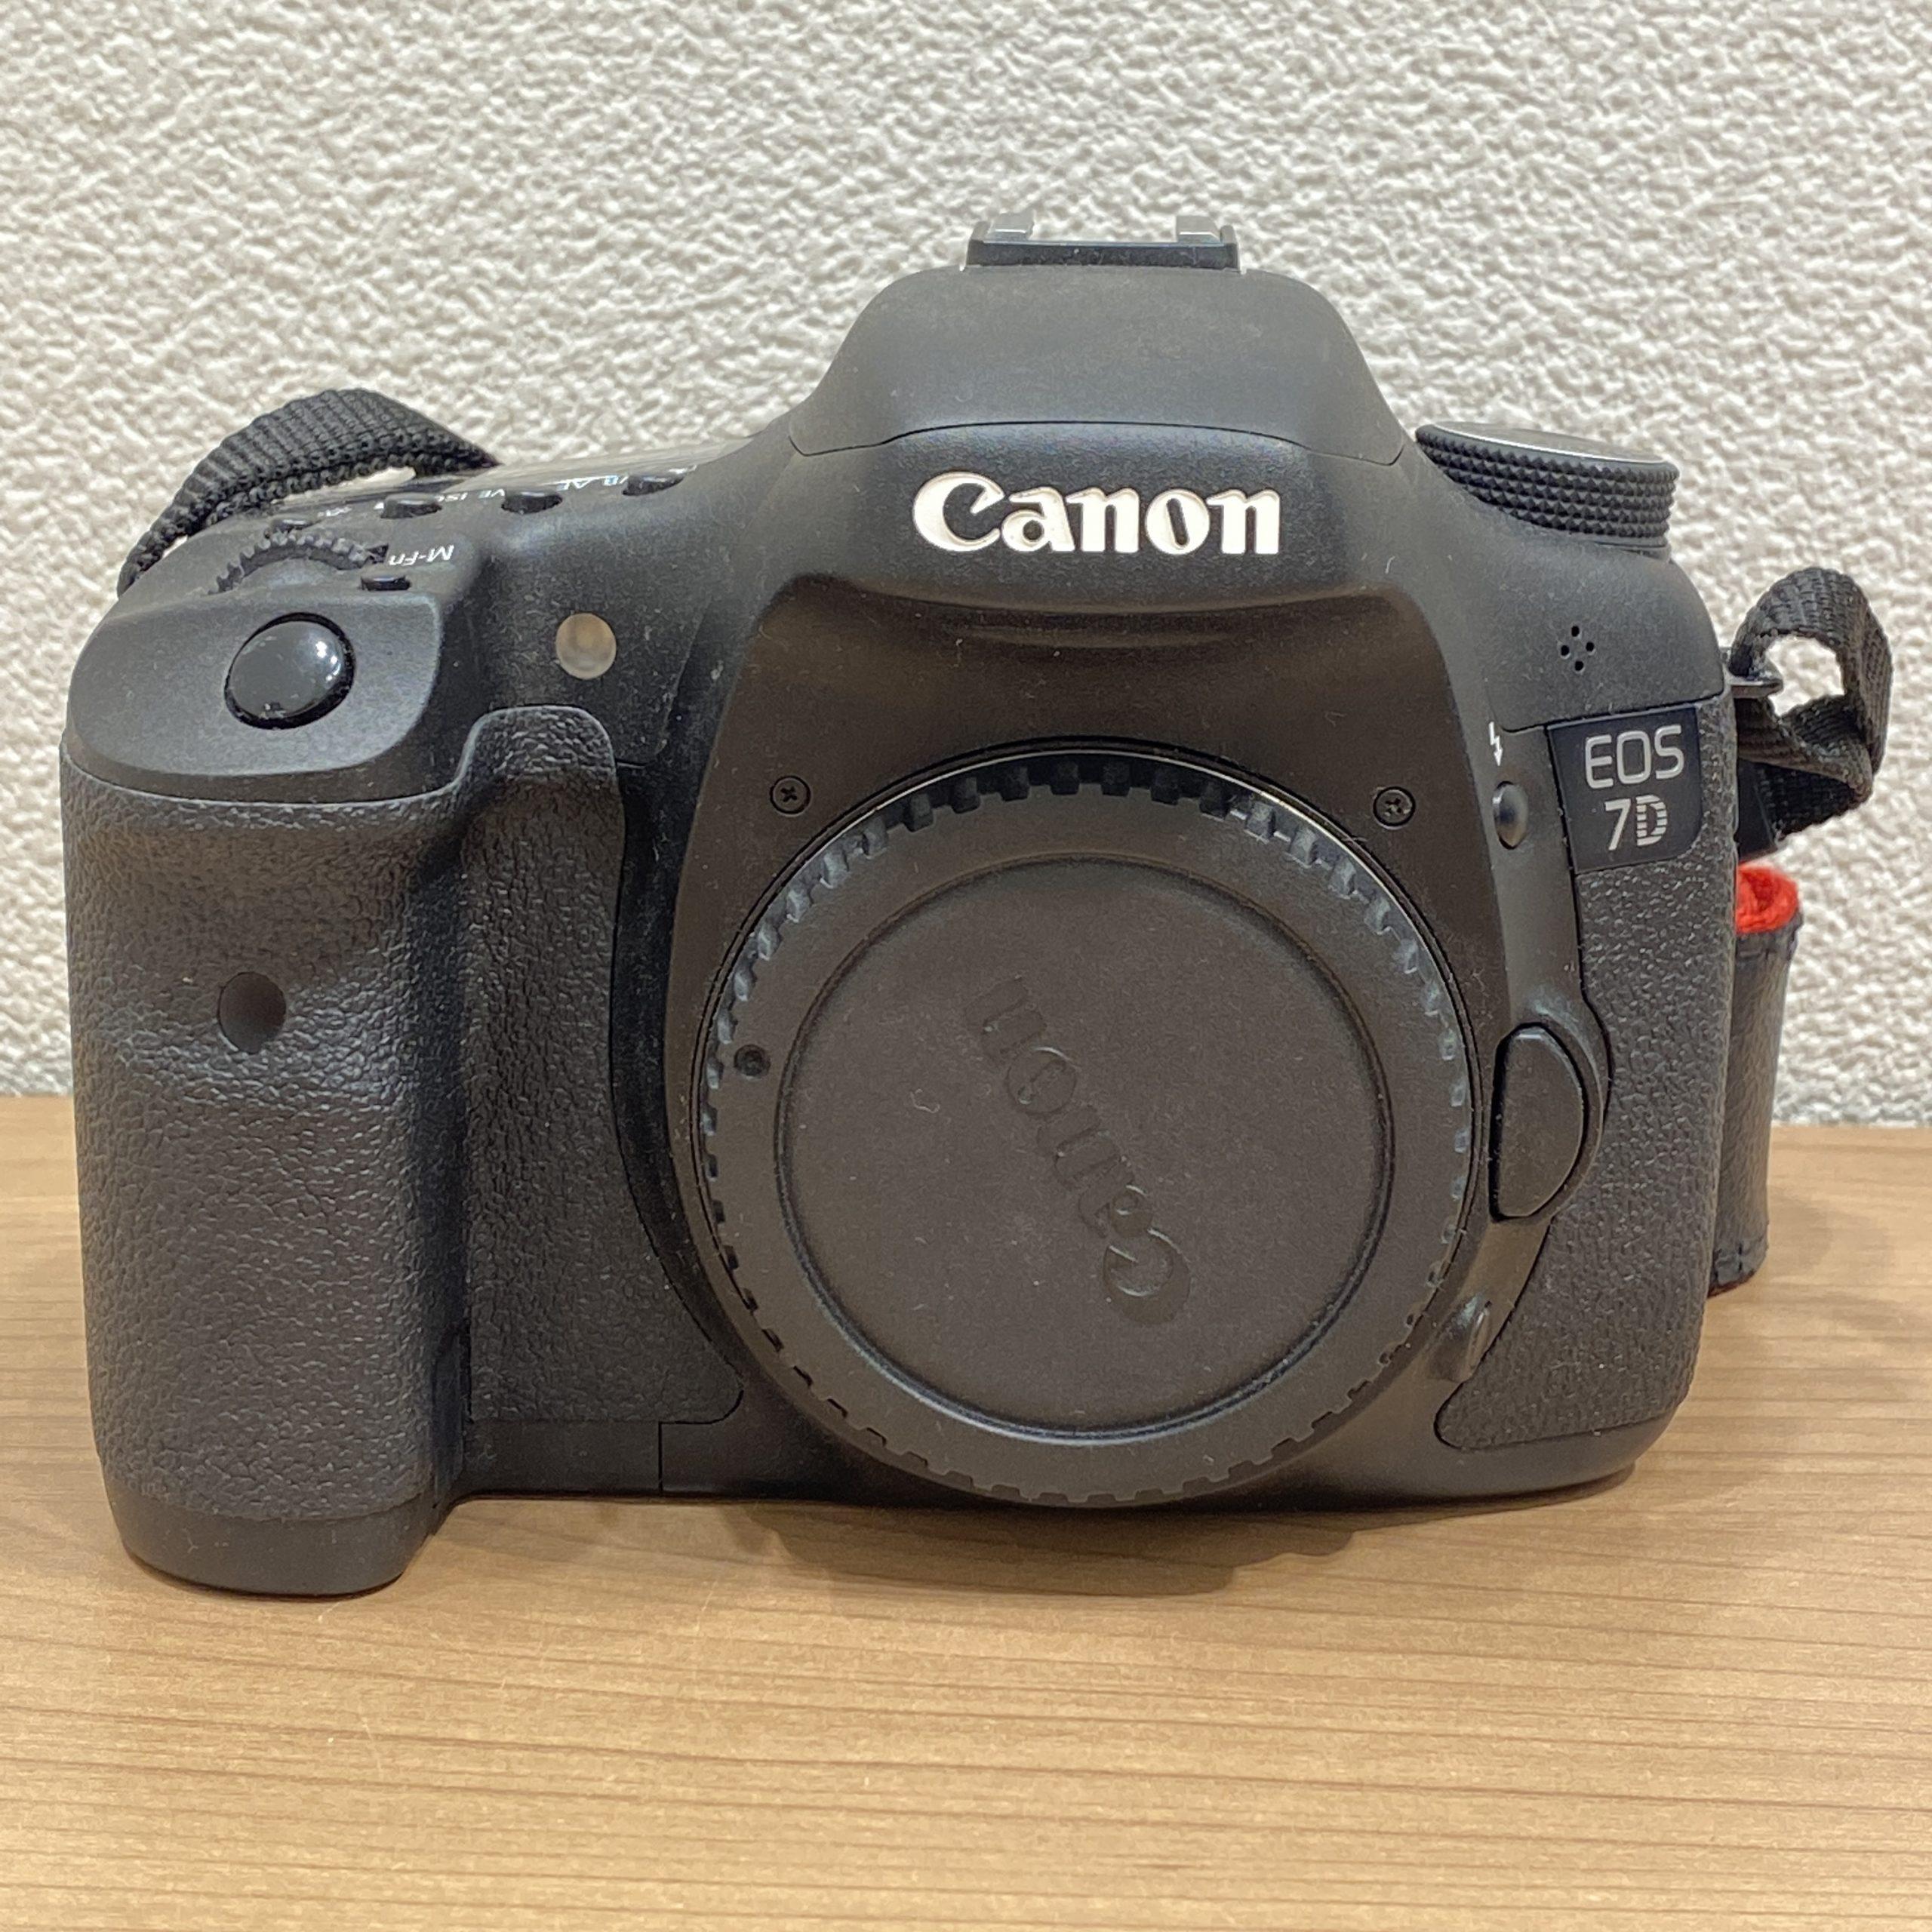 【Canon/キャノン】EOS 7D/イオス 7D ボディ